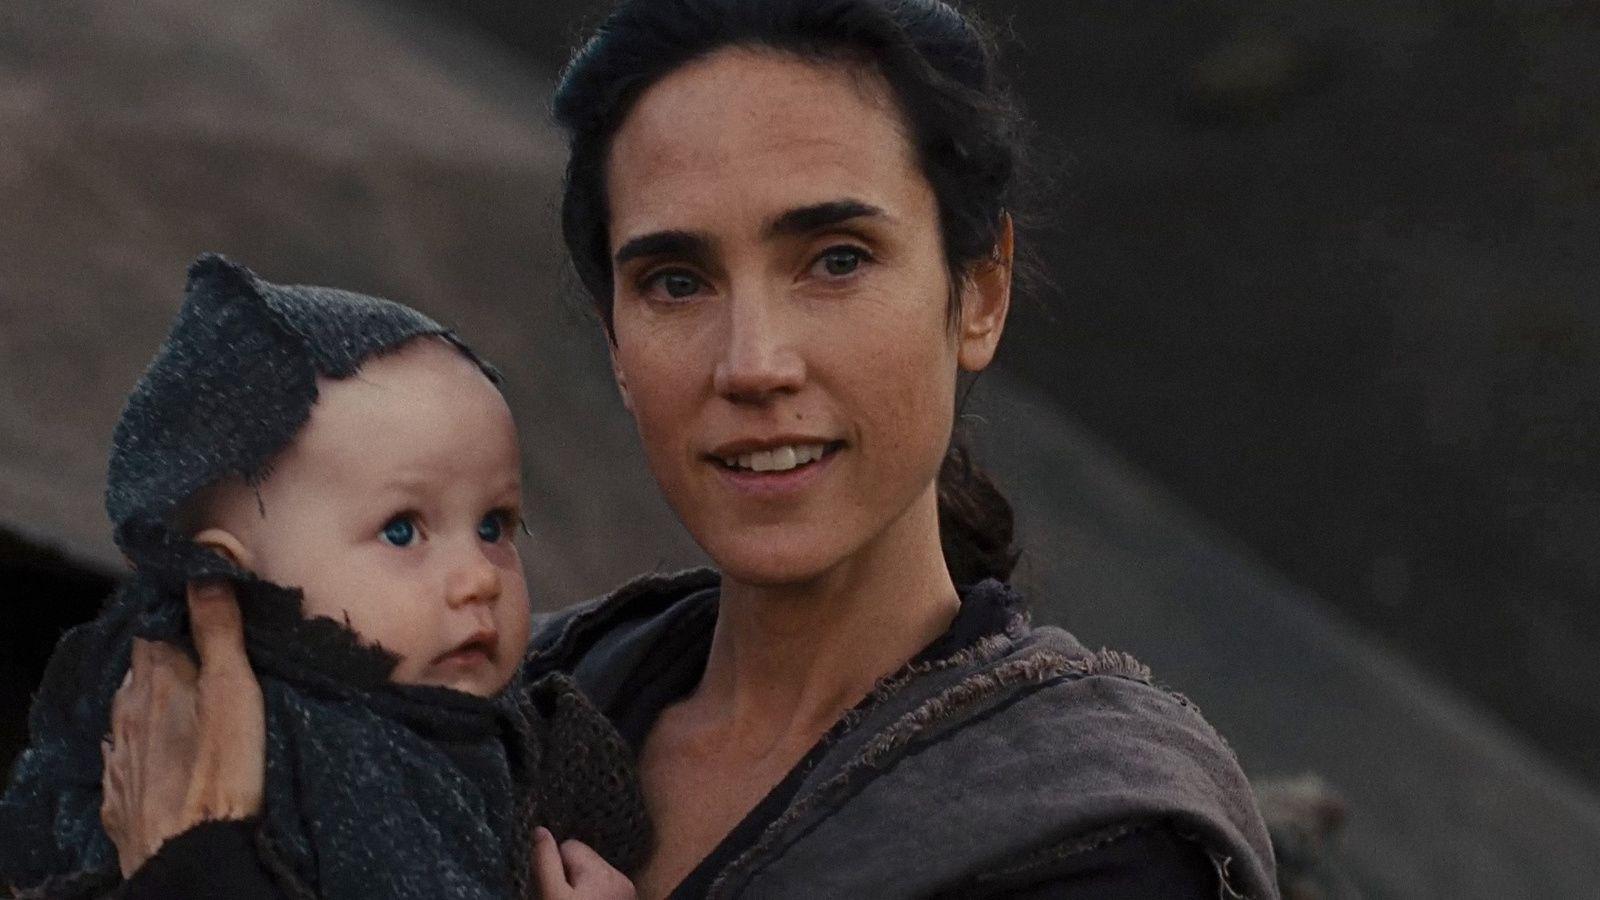 Nameeh (gespielt von Jennifer Connelly) mit ihrem jüngsten Sohn Jafet